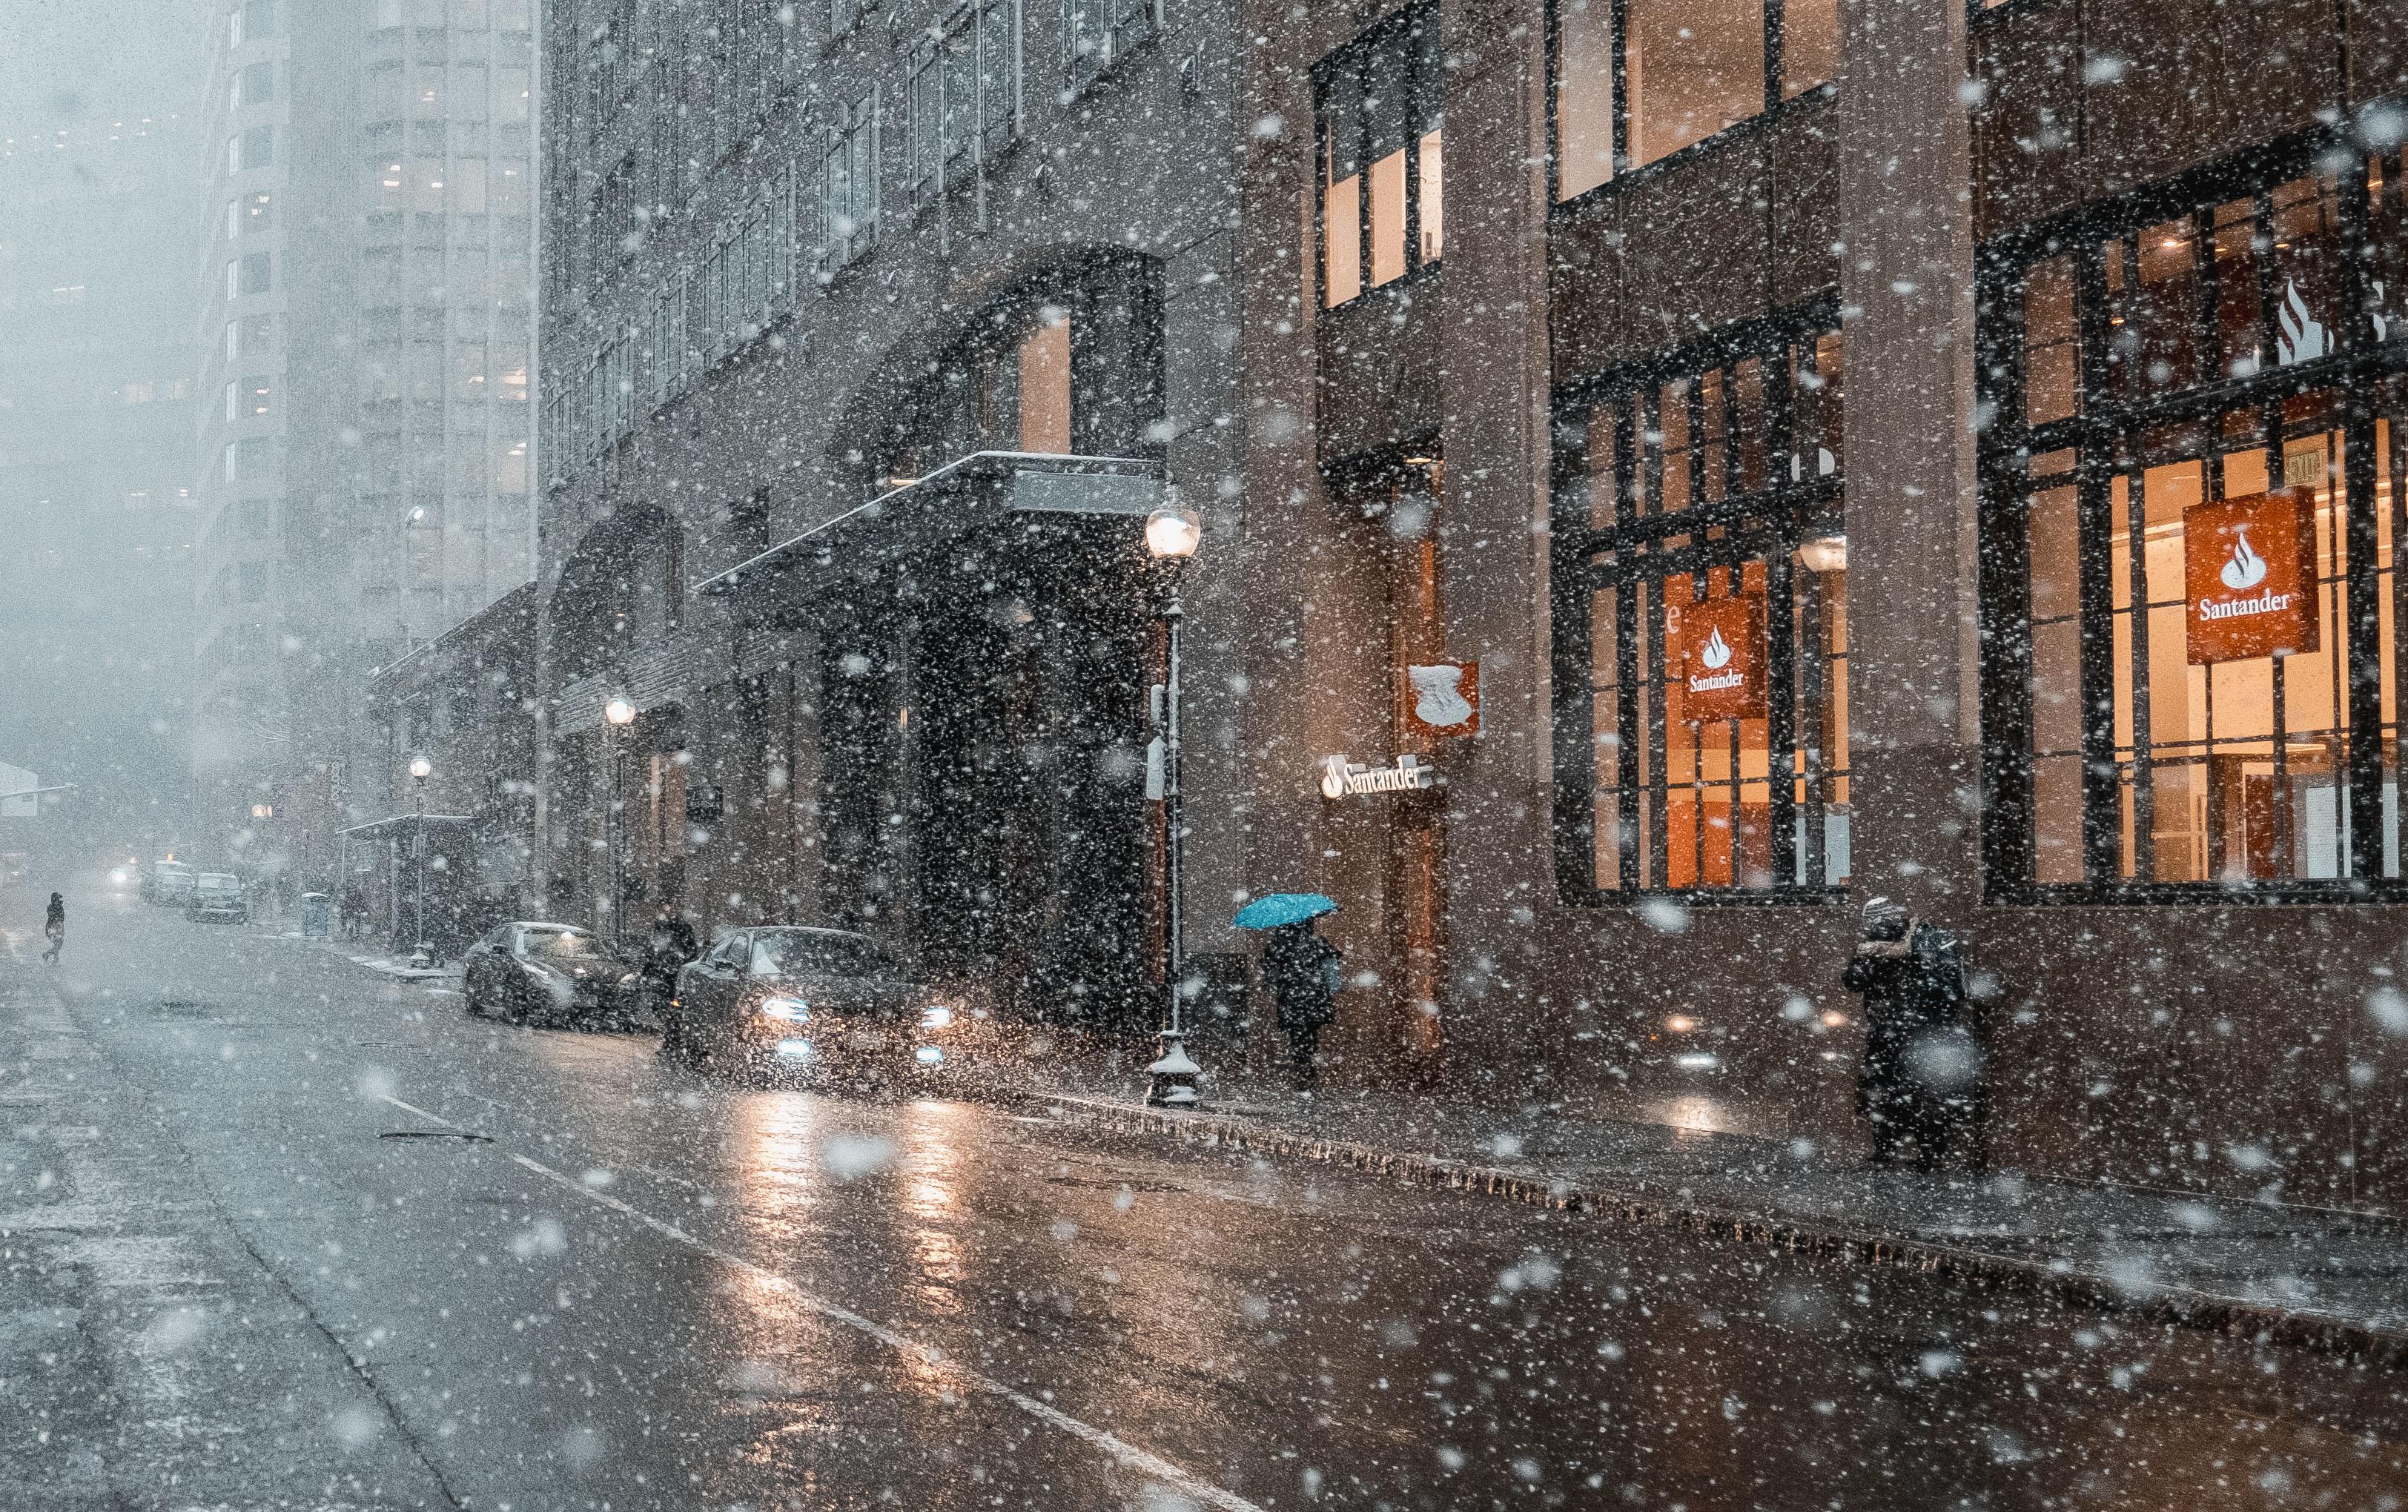 В конце ноября начинается заметное понижение температуры, ожидается мокрый снег и дождь